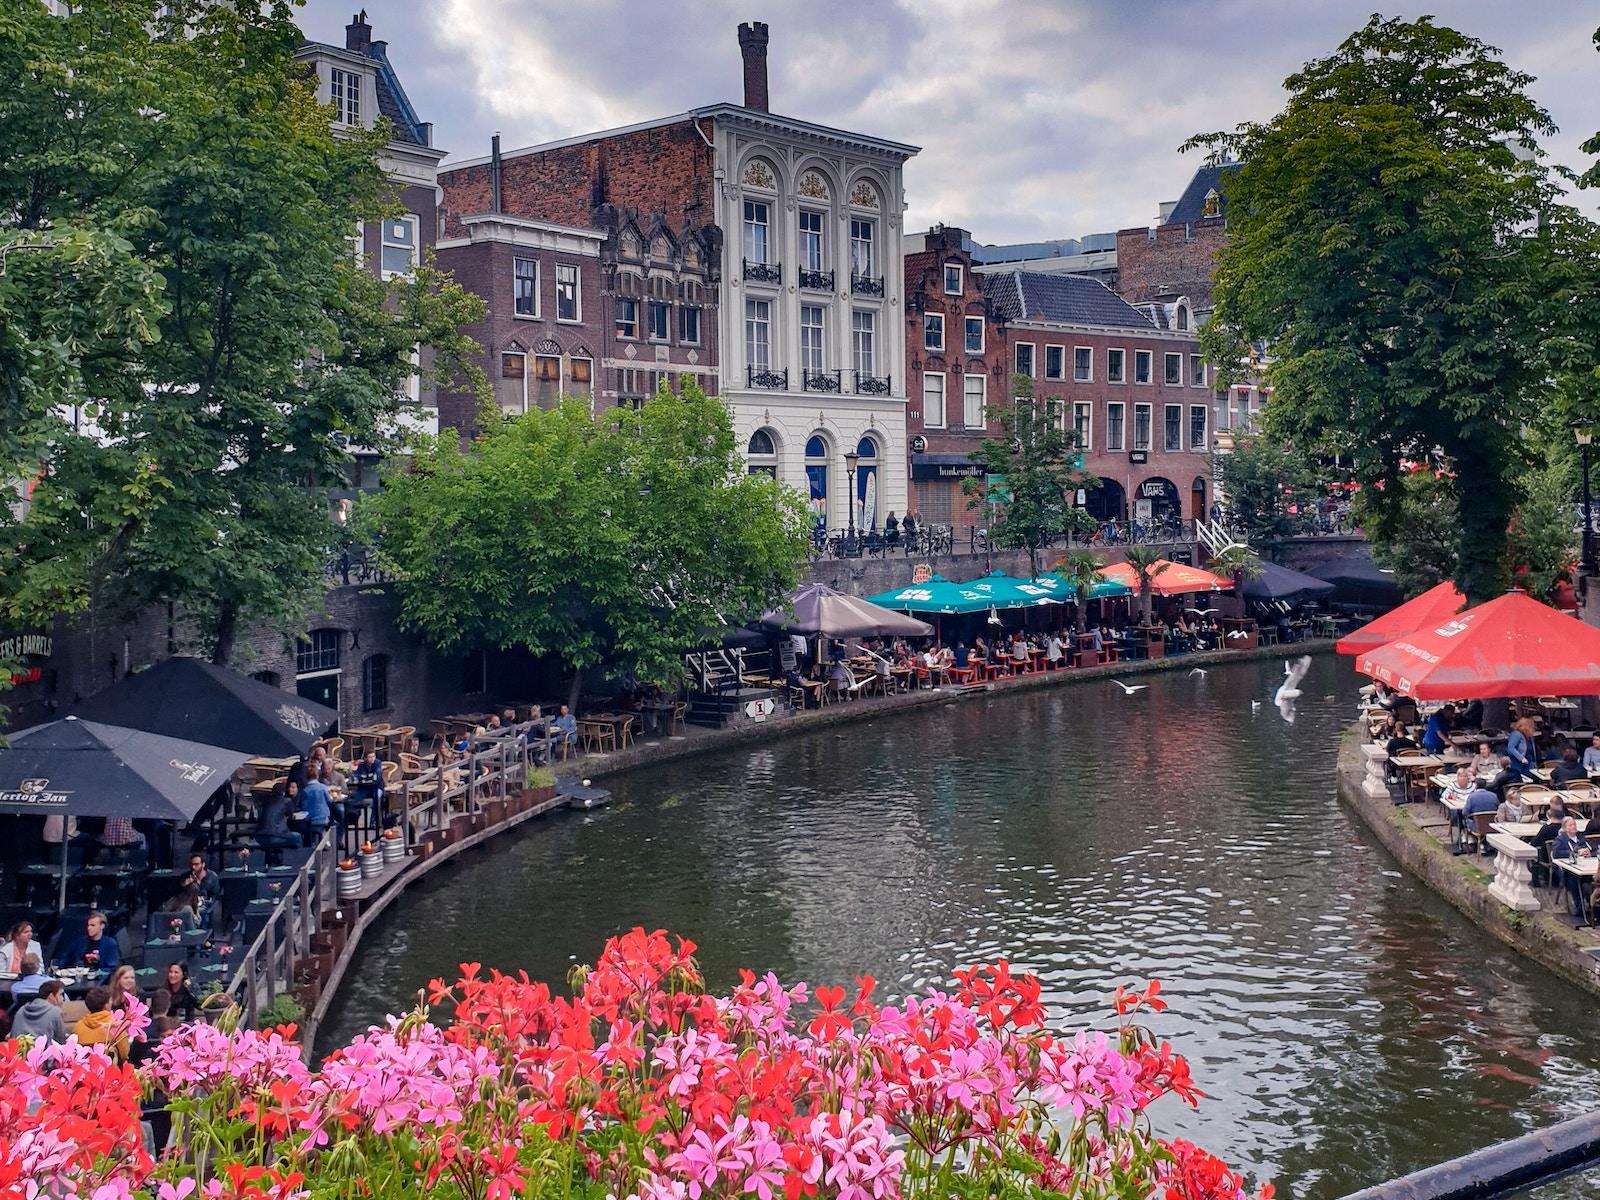 hotspots in Utrecht